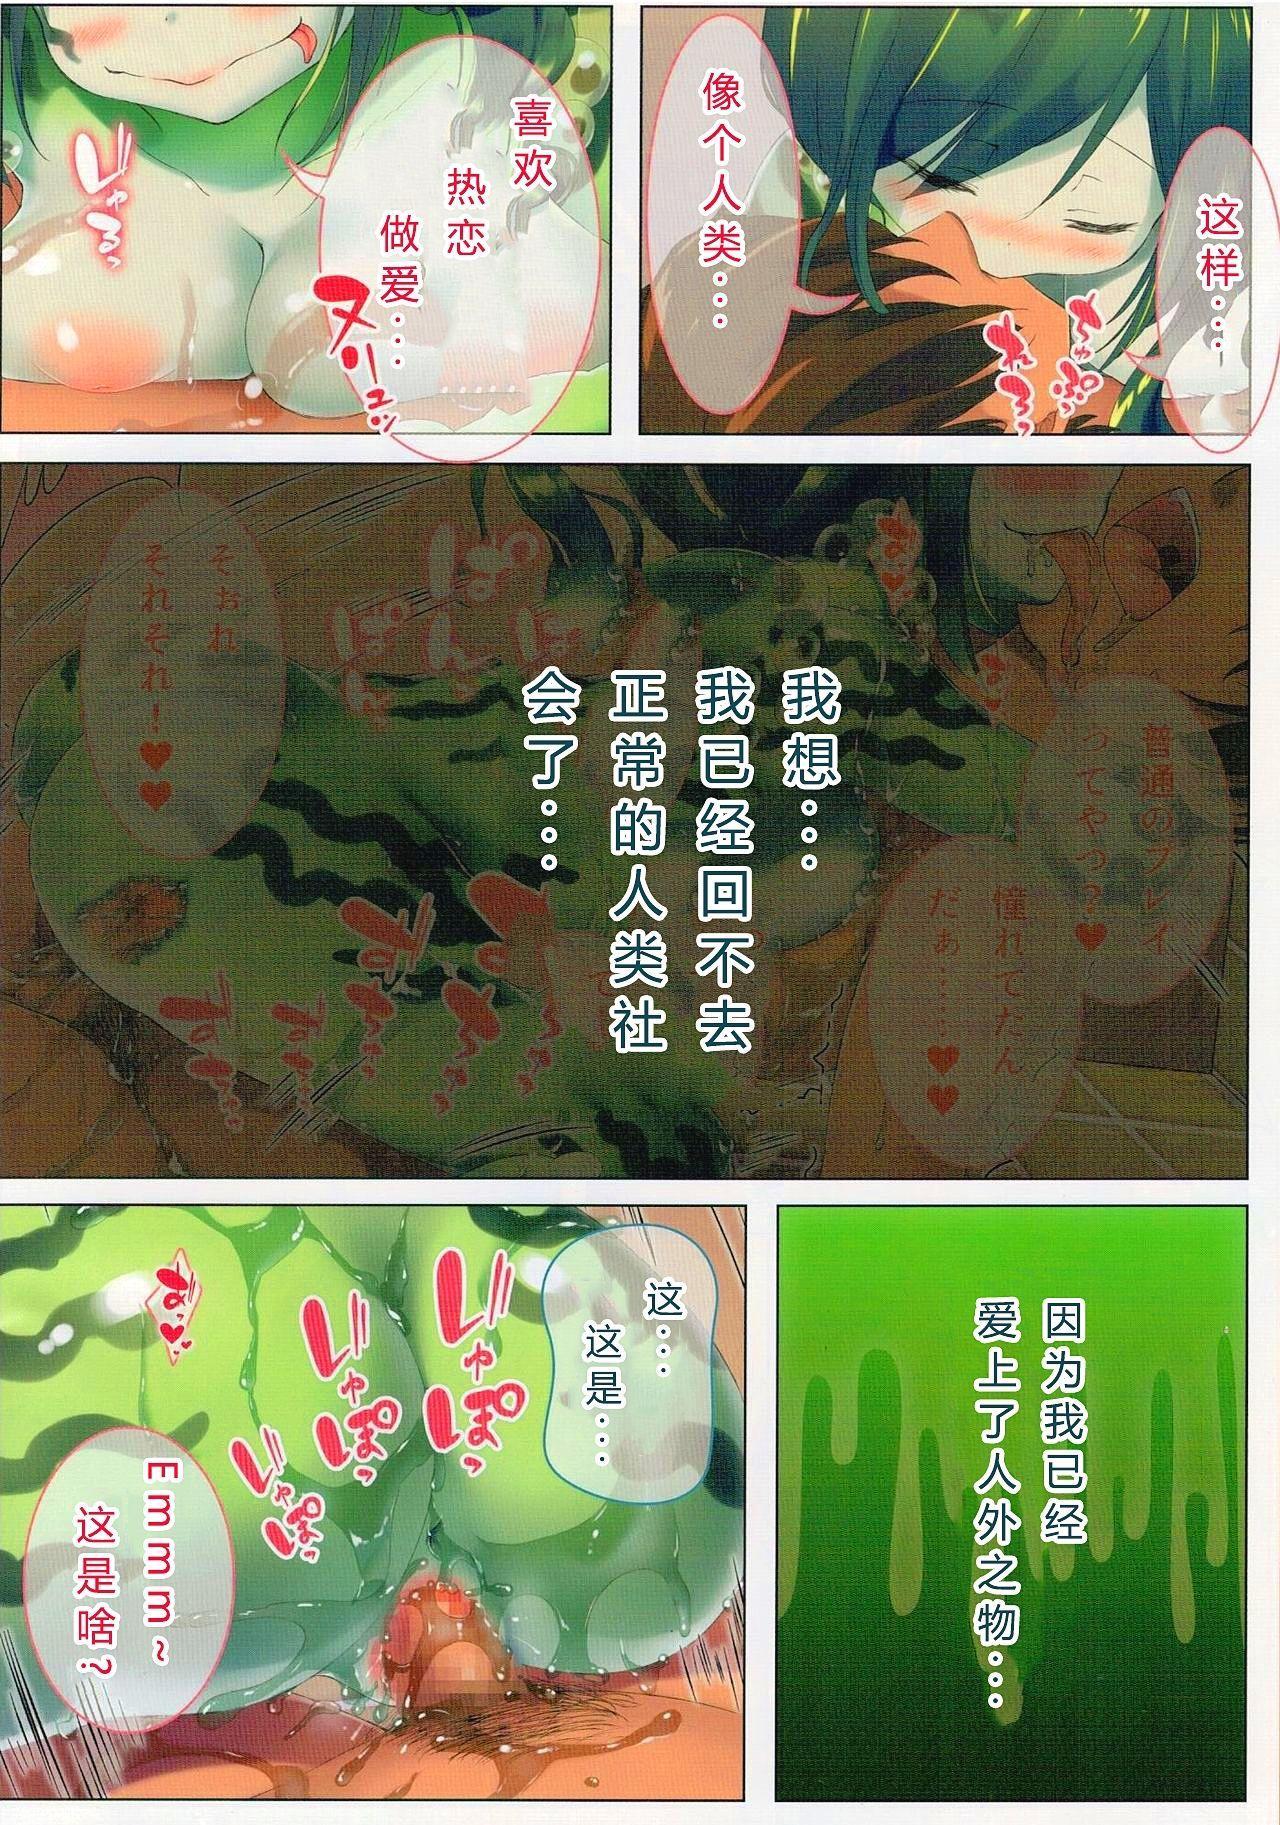 Seieki Daisuki Rui-chan no Semeseme Ningen Choukyou Nikki 2 10